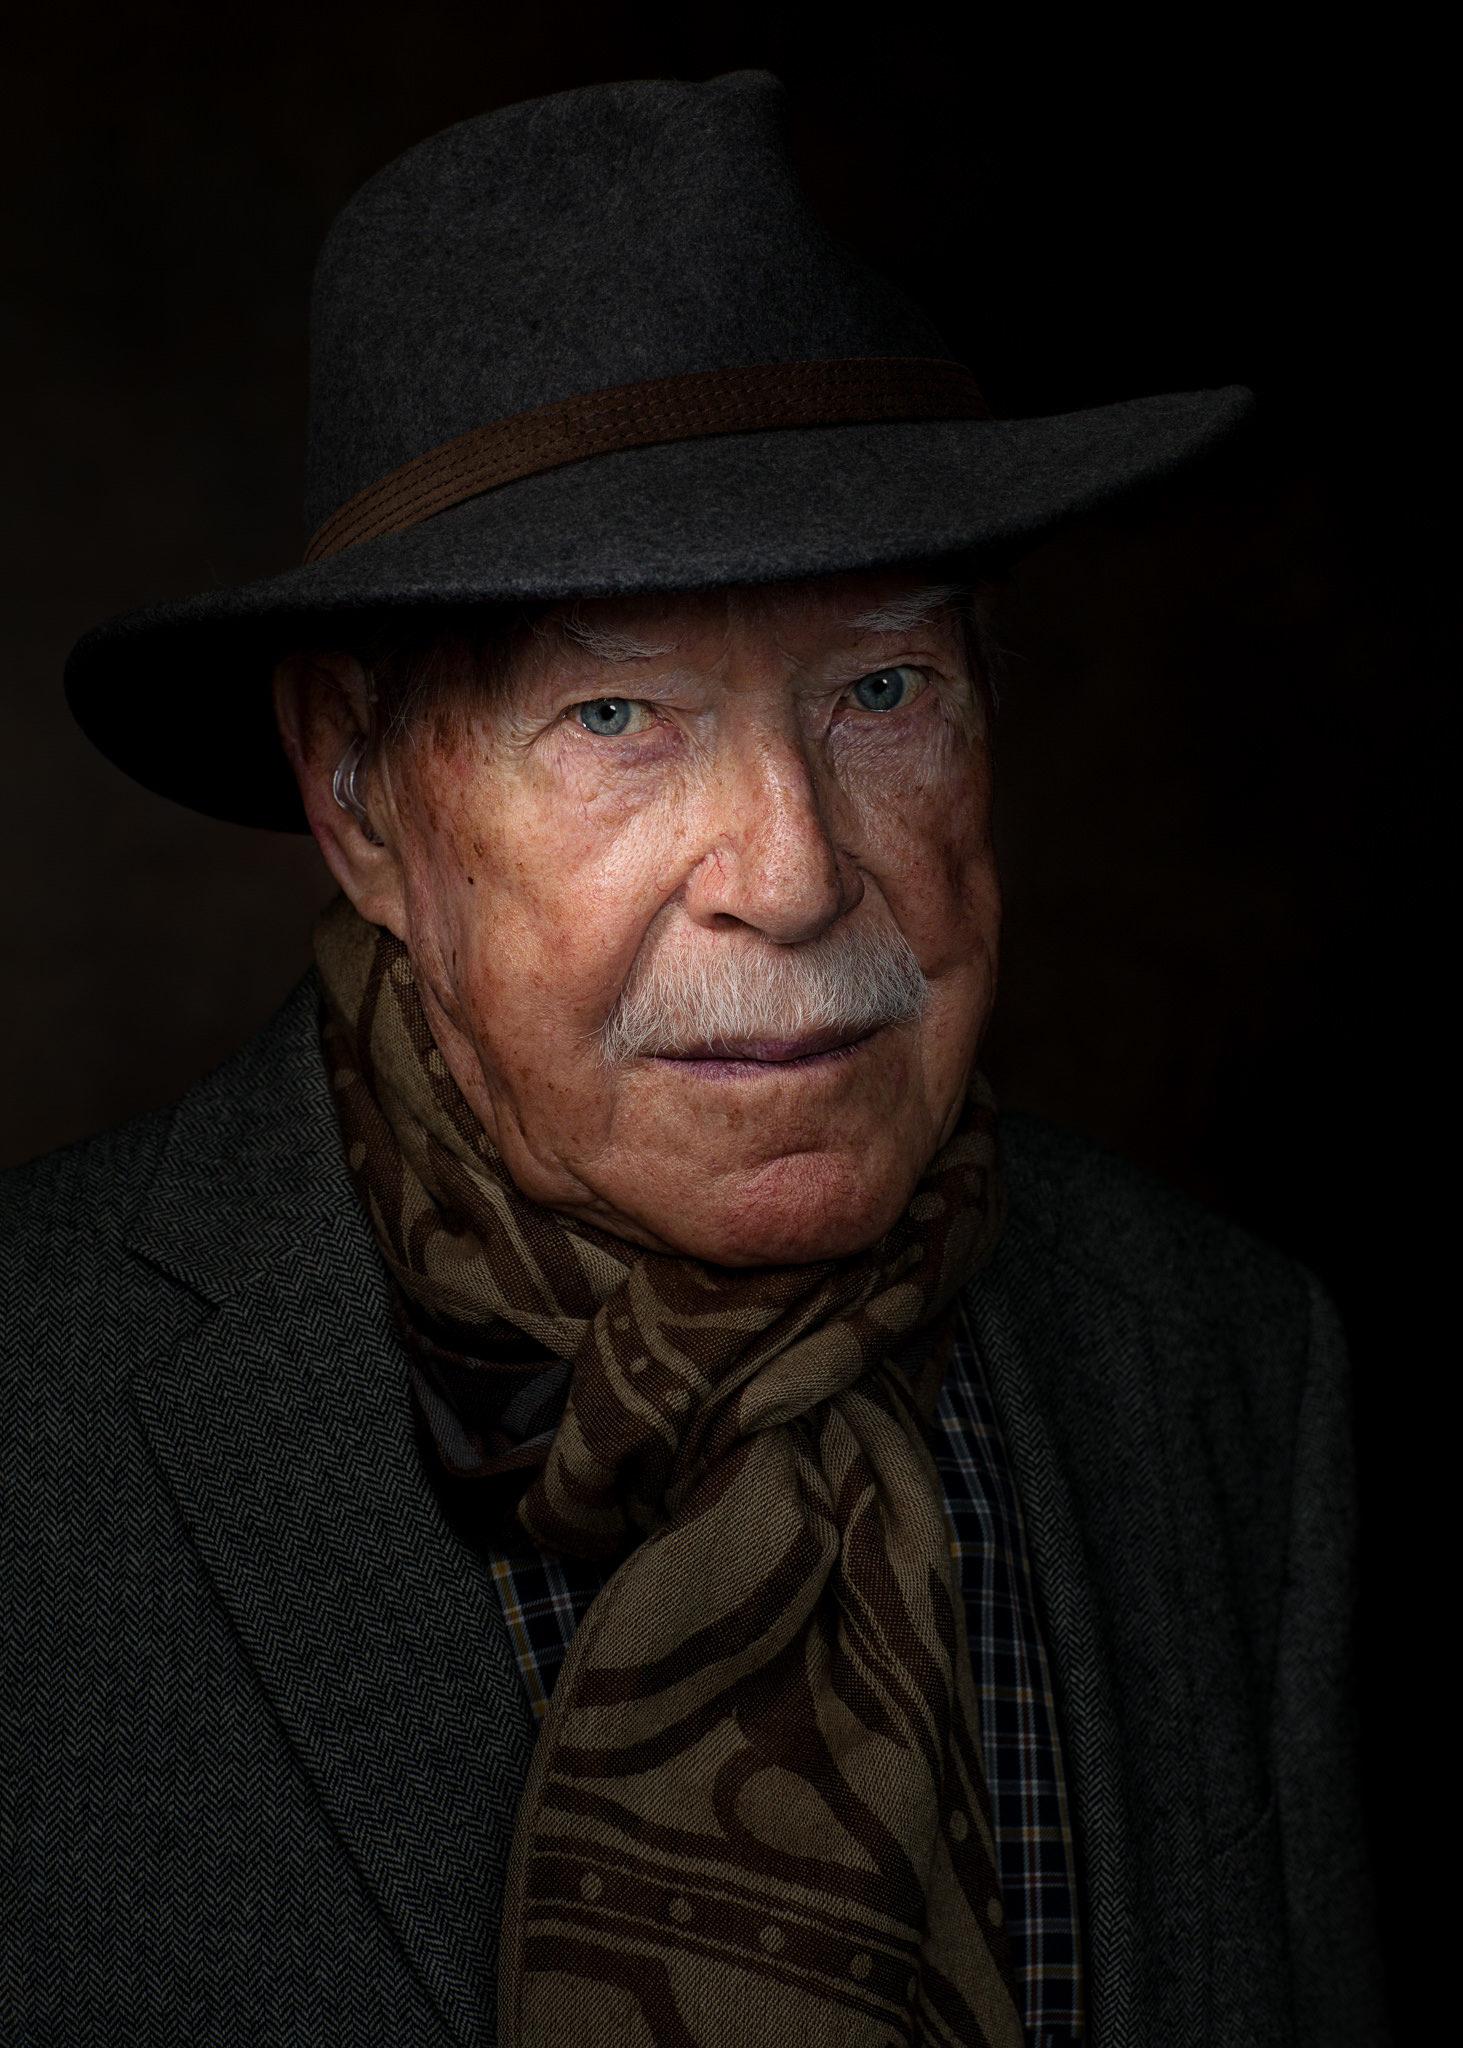 Portfolio, Porträt eins rüstigen, älteren Mannes, Charakter, Portrait, Portraits, Rembrand Licht, im Stil der Alten Meister, Mann mit Hut, Style, stylish, Fashion,